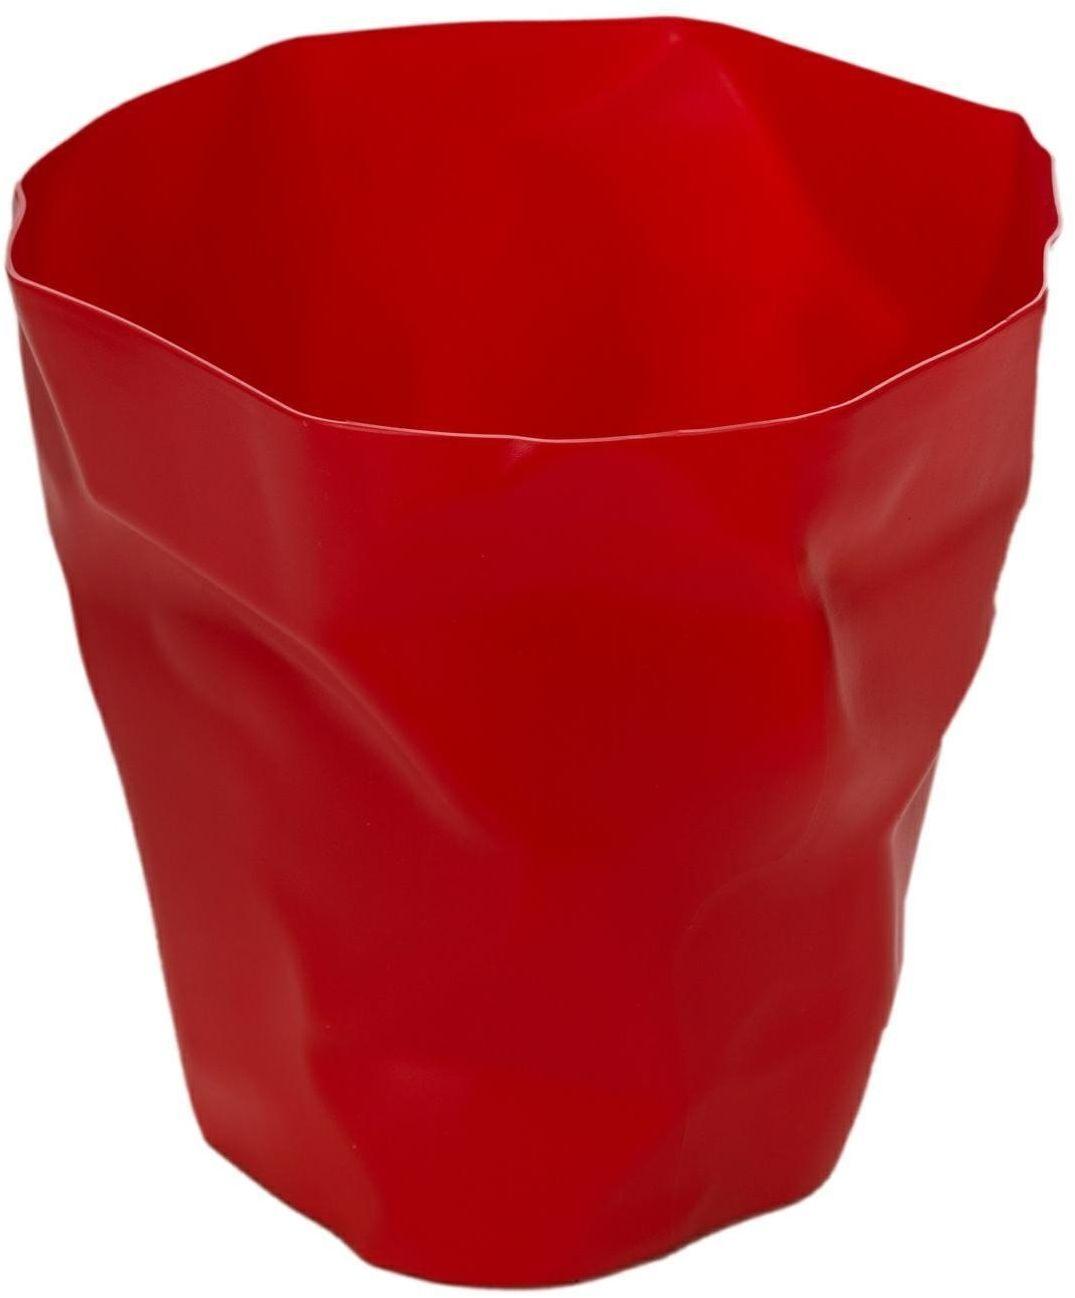 Kosz na śmieci Papier inspirowany BinBin czerwony